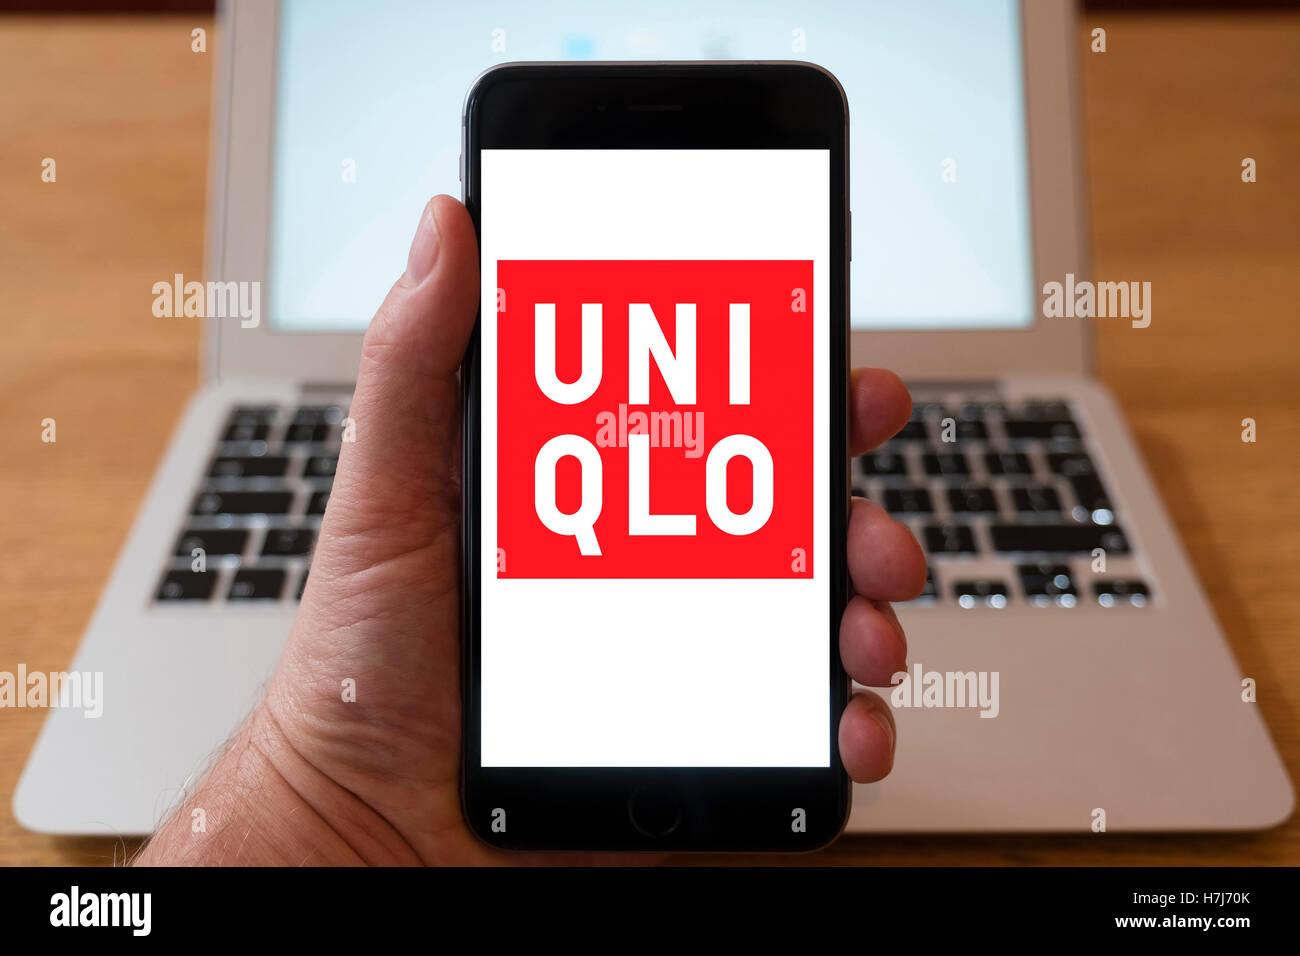 À l'aide d'iPhone smartphone pour afficher le logo d'UNIQLO , les Japonais wear concepteur, fabricant Photo Stock